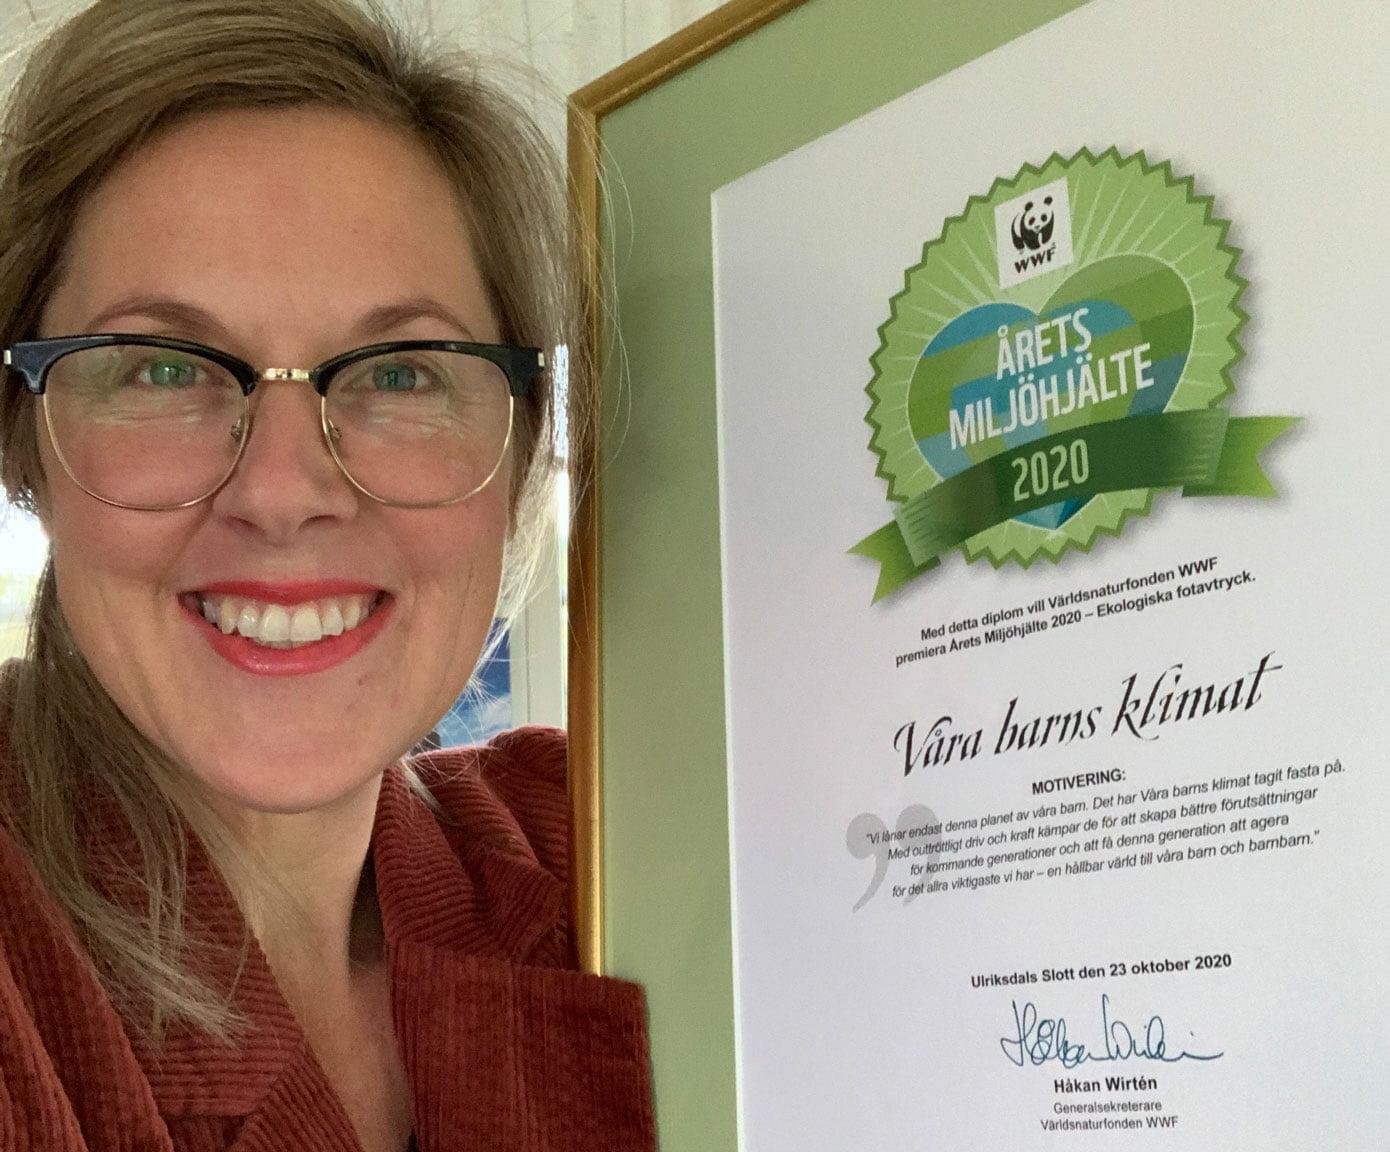 Årets miljöhjälte 2020